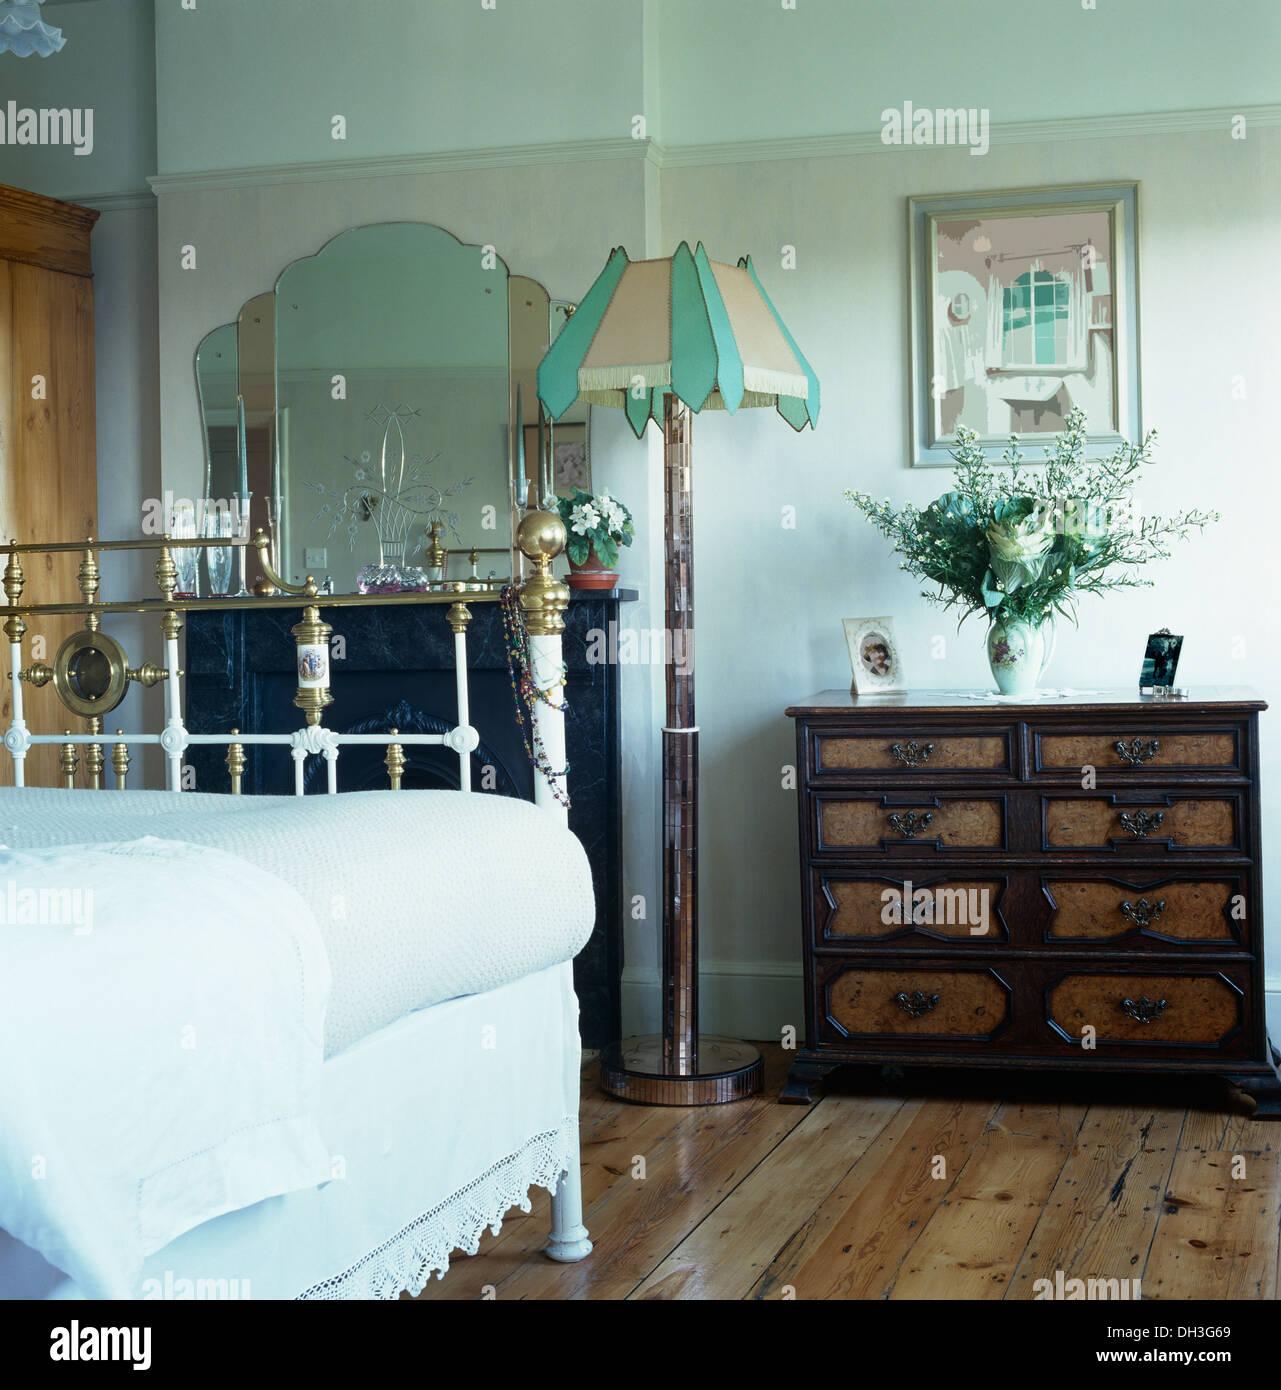 Bedroom Interior With Wooden Flooring